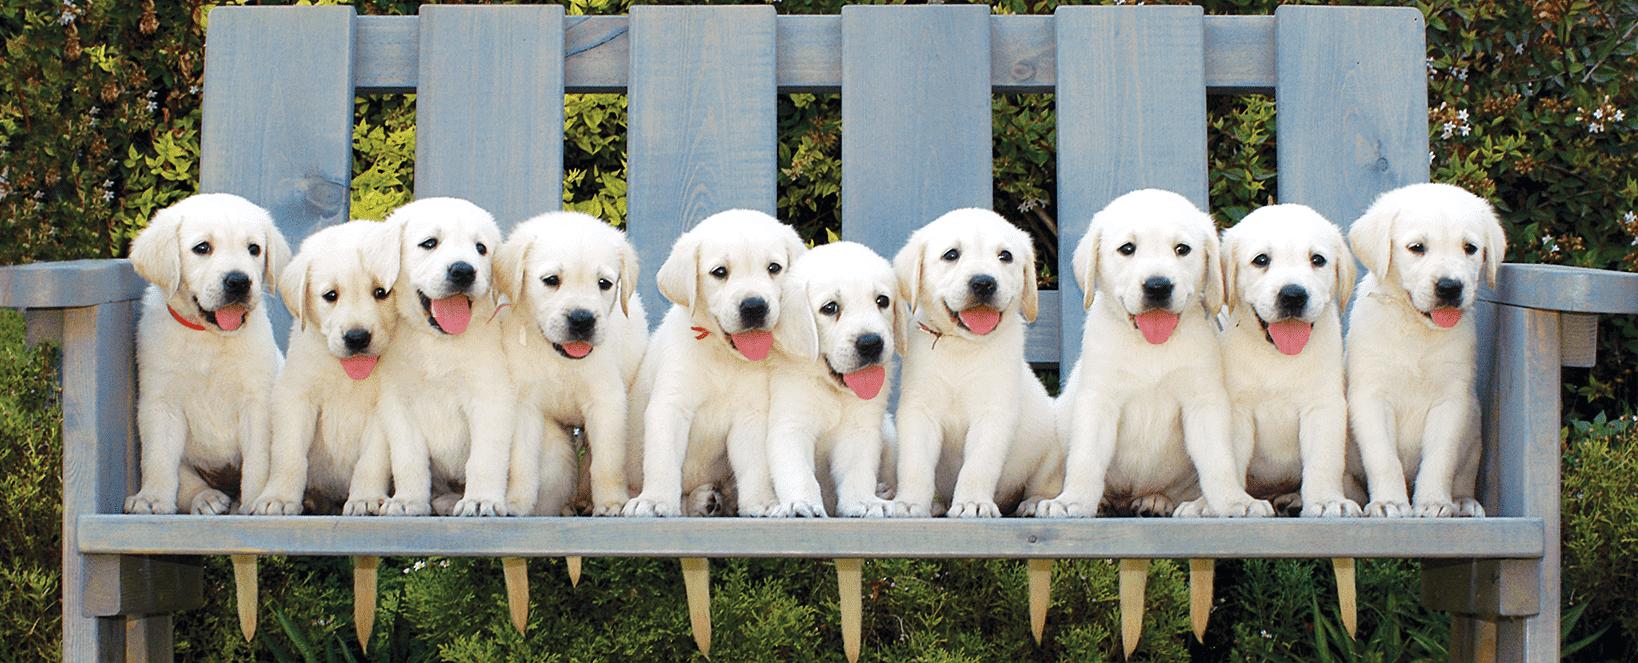 גורים לבנים יושבים על ספסל תכלת